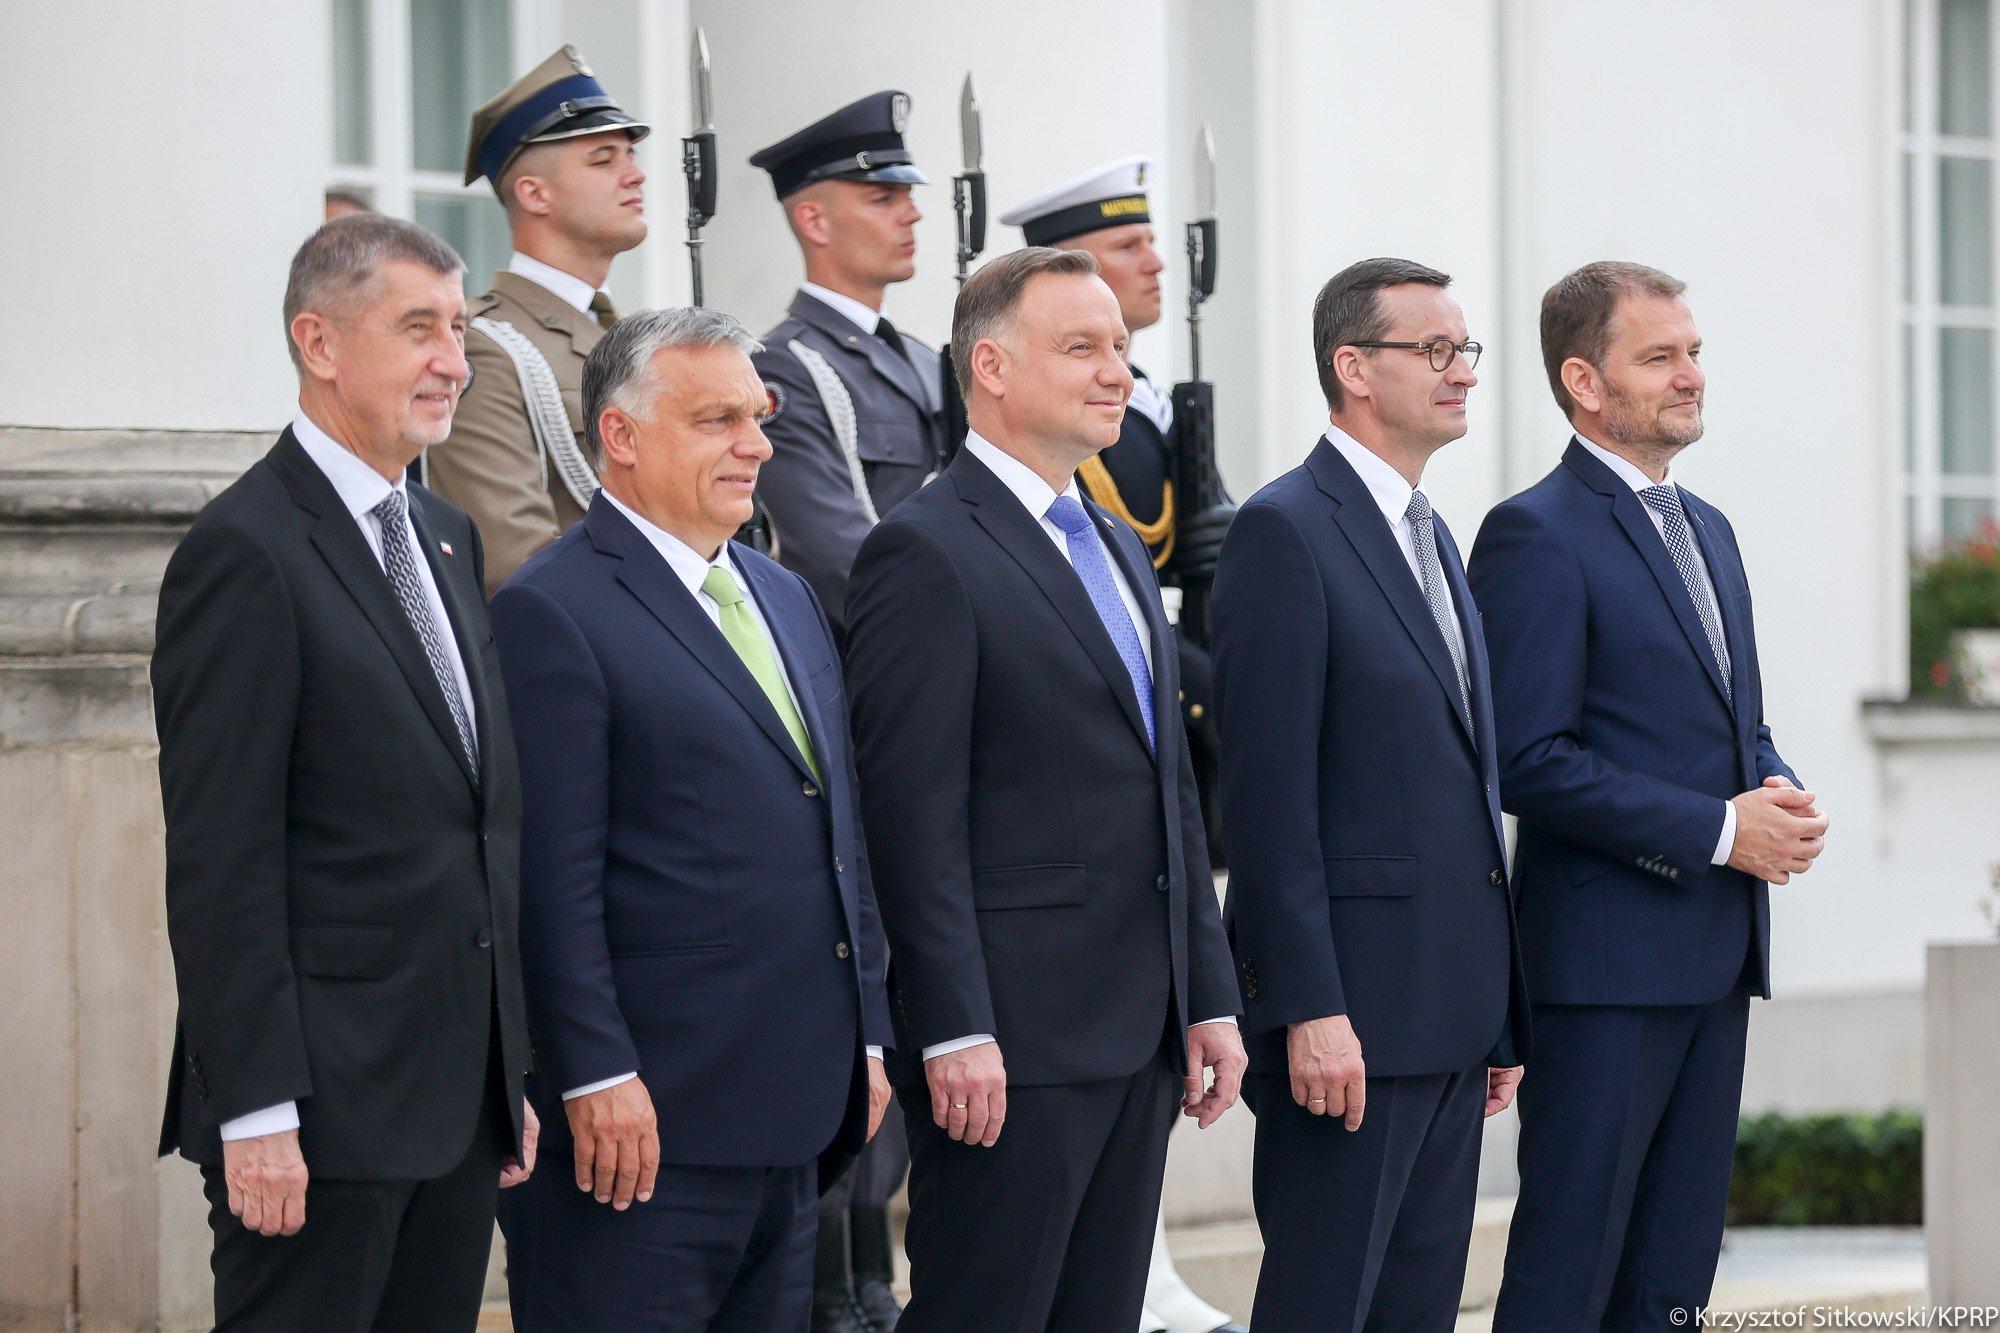 """维谢格拉德四国集团领导人峰会举行 波兰提出""""重返正轨""""口号"""